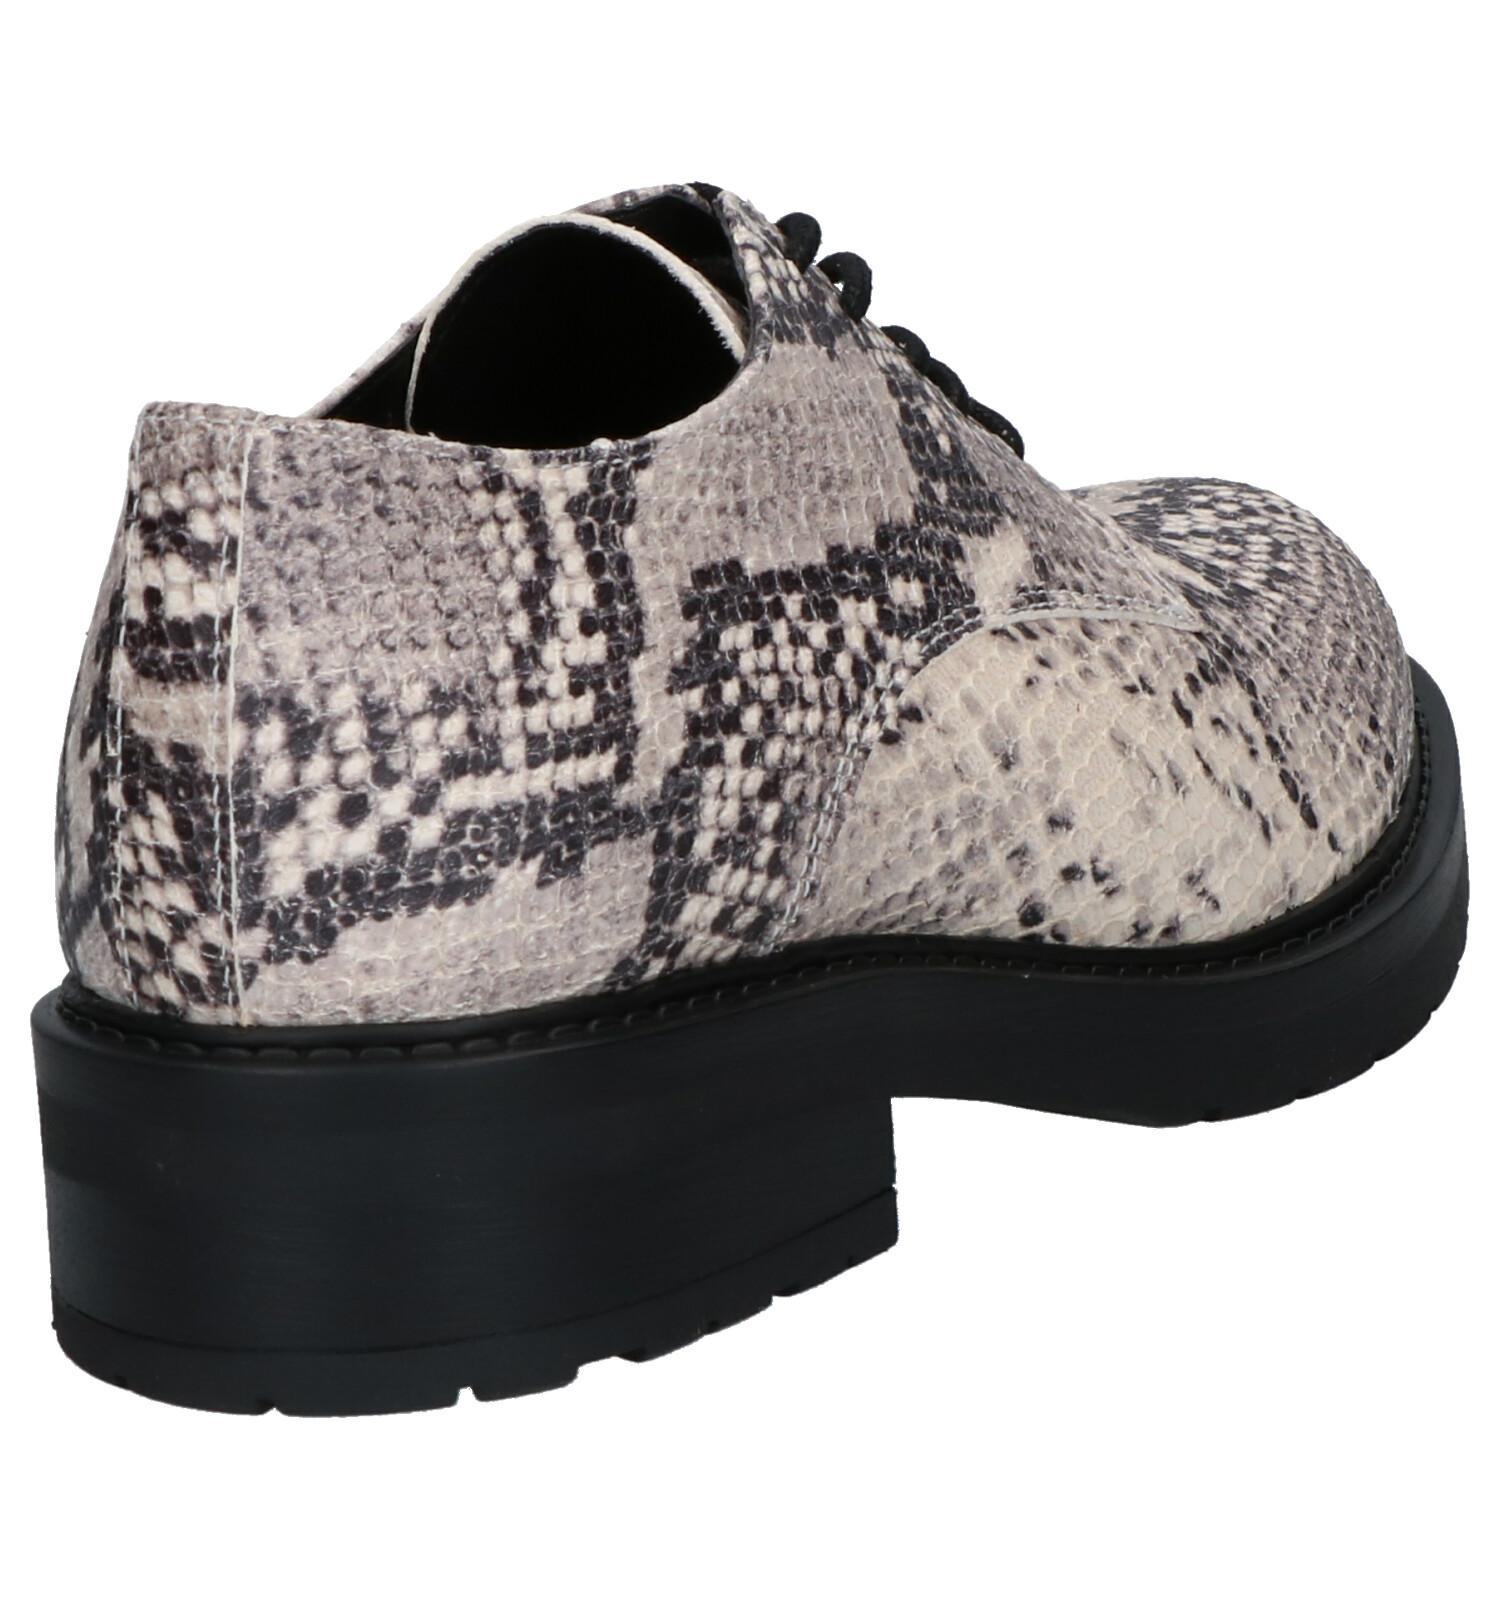 Bullboxer Chaussures à lacets en Écru   TORFS.BE   Livraison